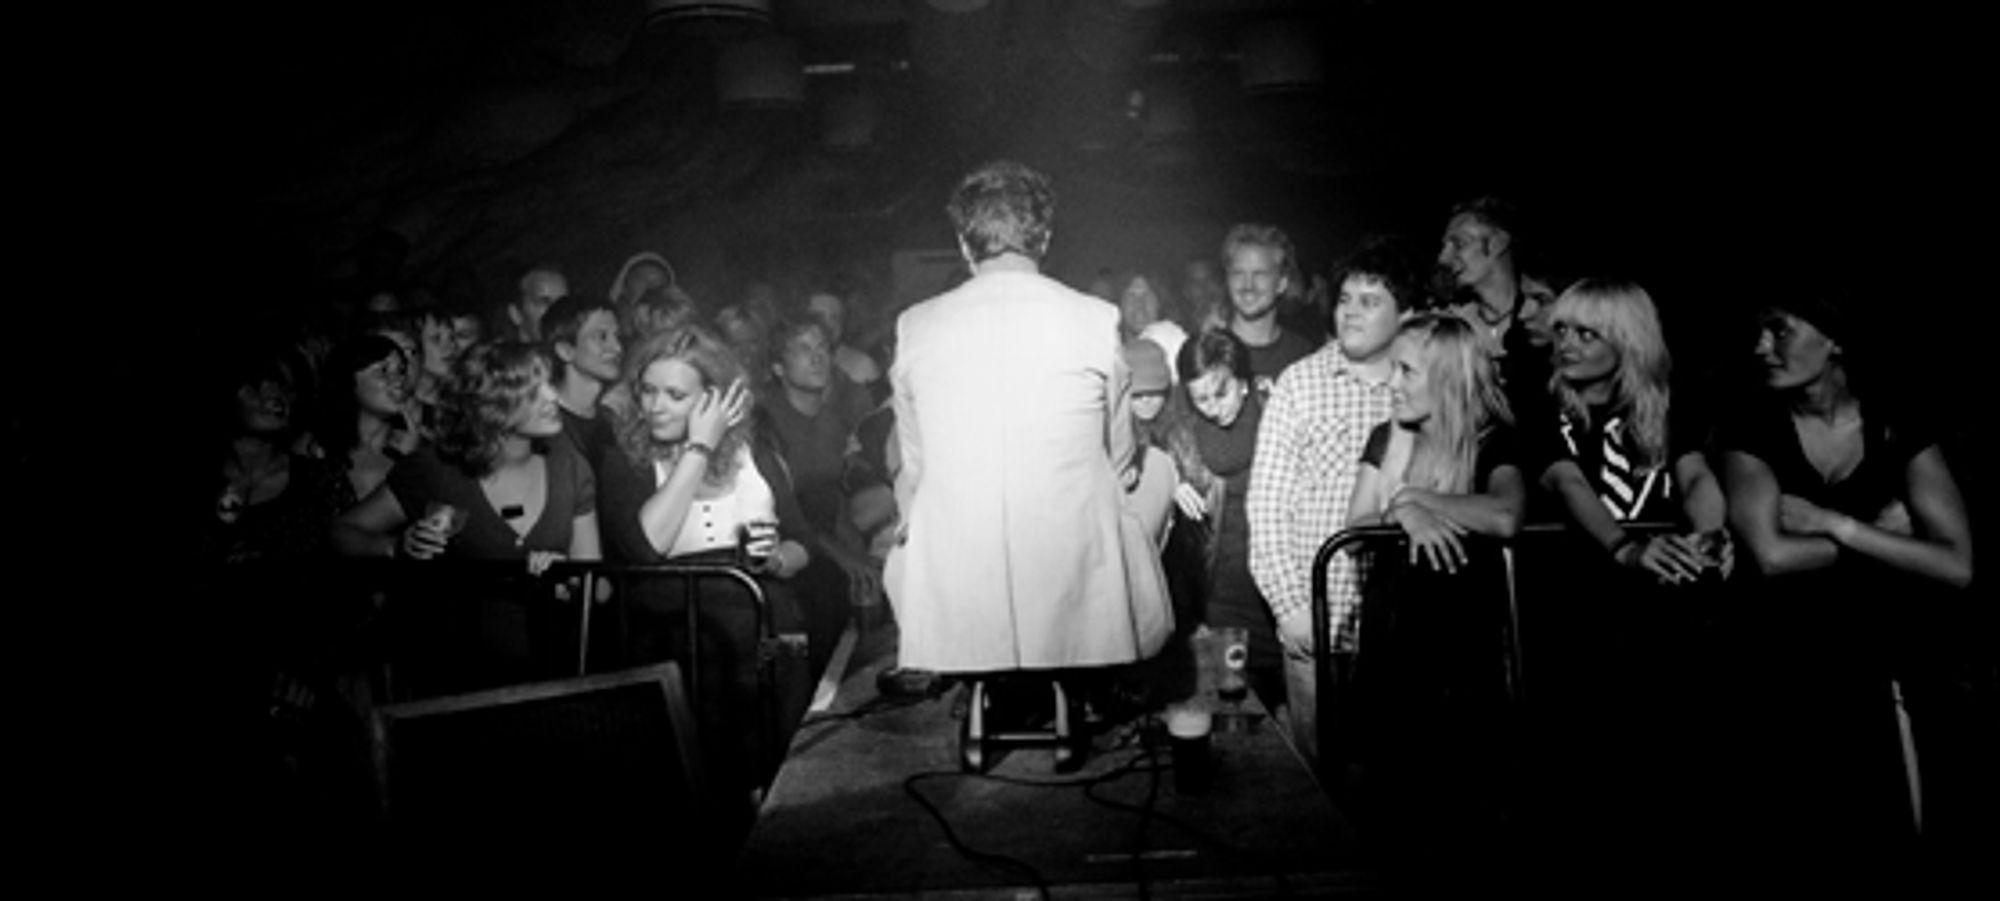 Vokalist Jon Ivar Kollbotn kneler ned blant publikum. FOTO: Helge Brekke